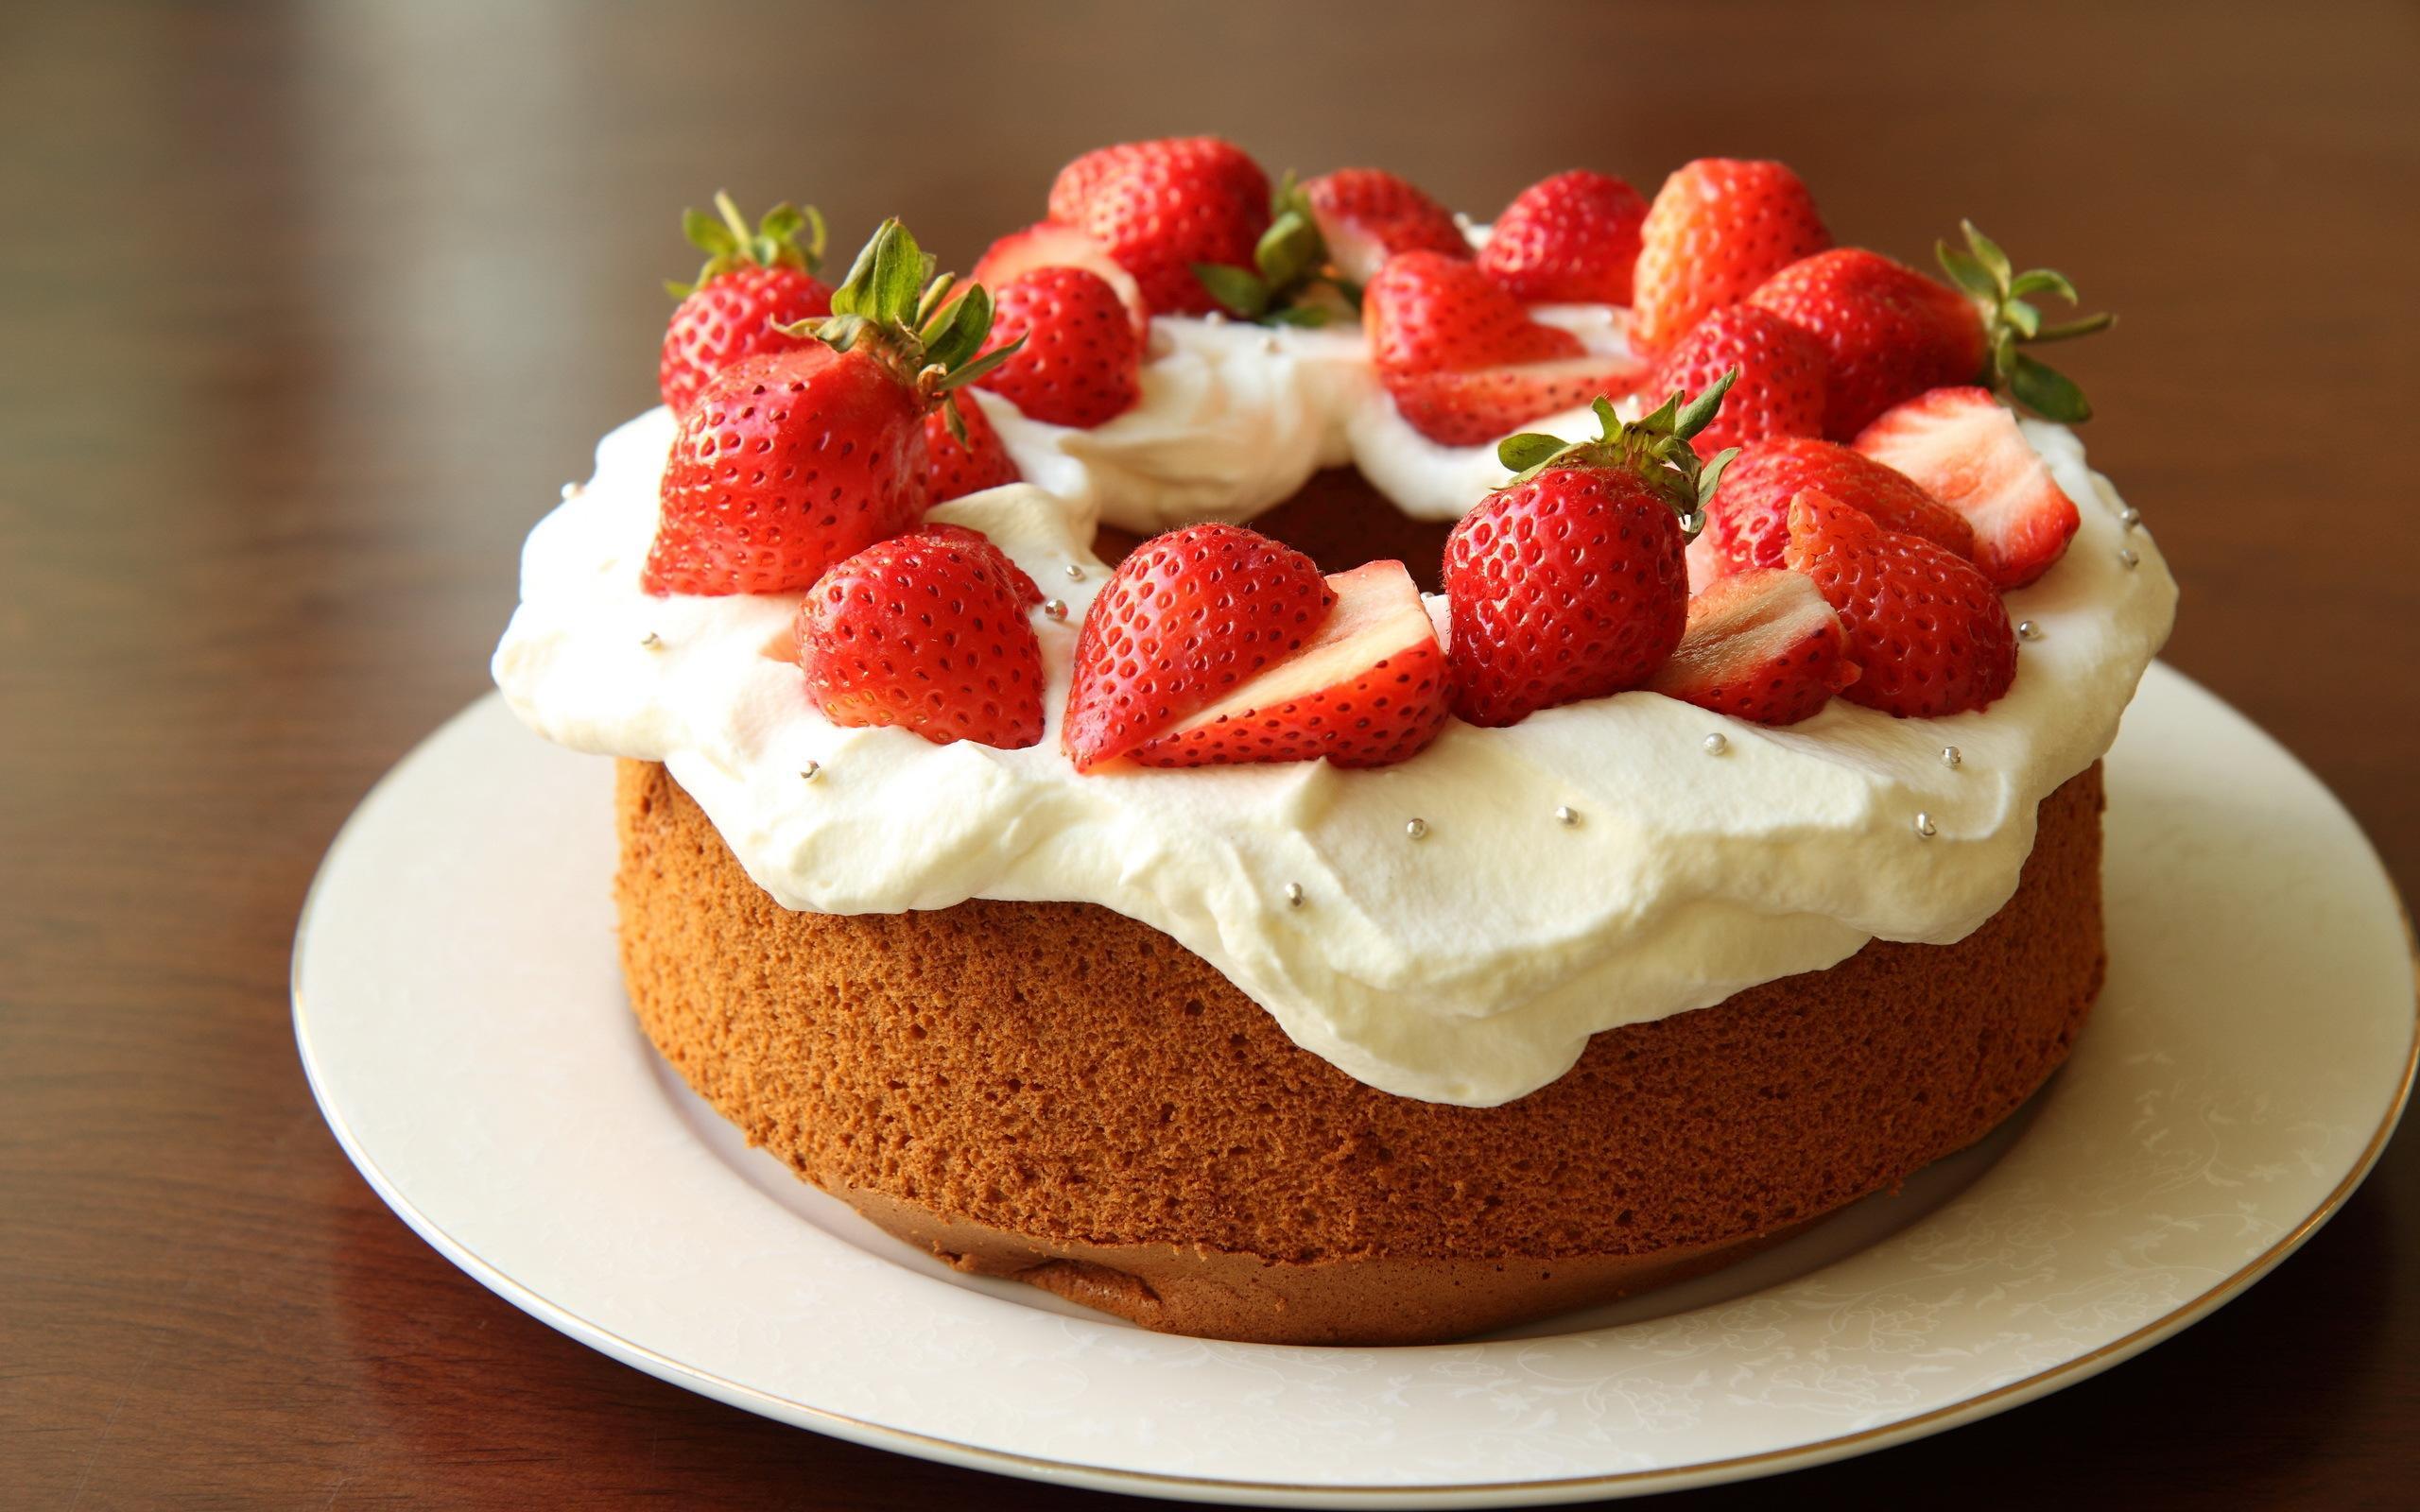 ケーキいちごhd ケーキの壁紙 2560x1600 Wallpapertip